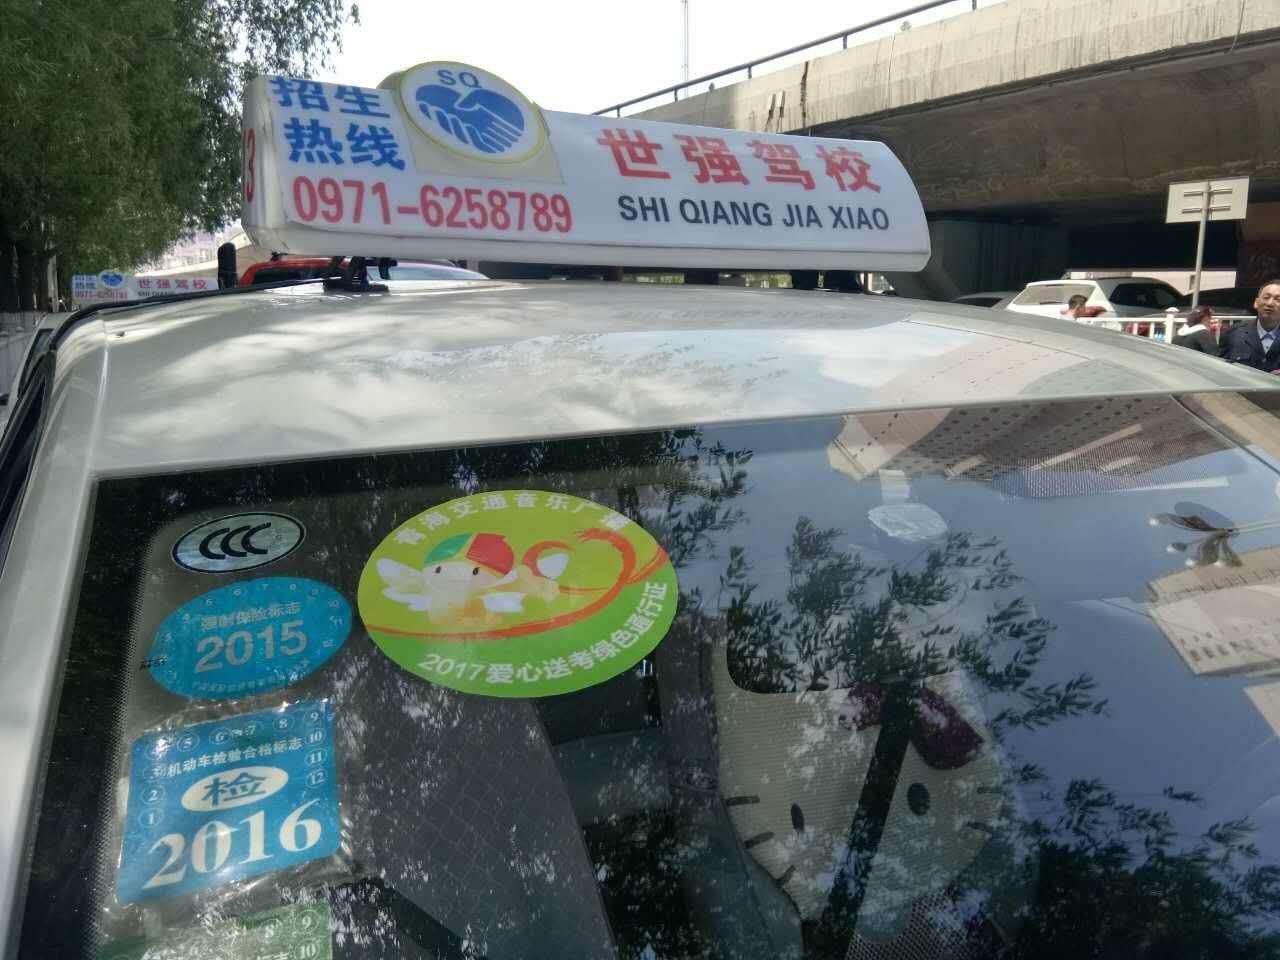 世强驾校--高考生爱心车队|世强驾校--高考生爱心车队-西宁市世强机动车驾驶员培训学校